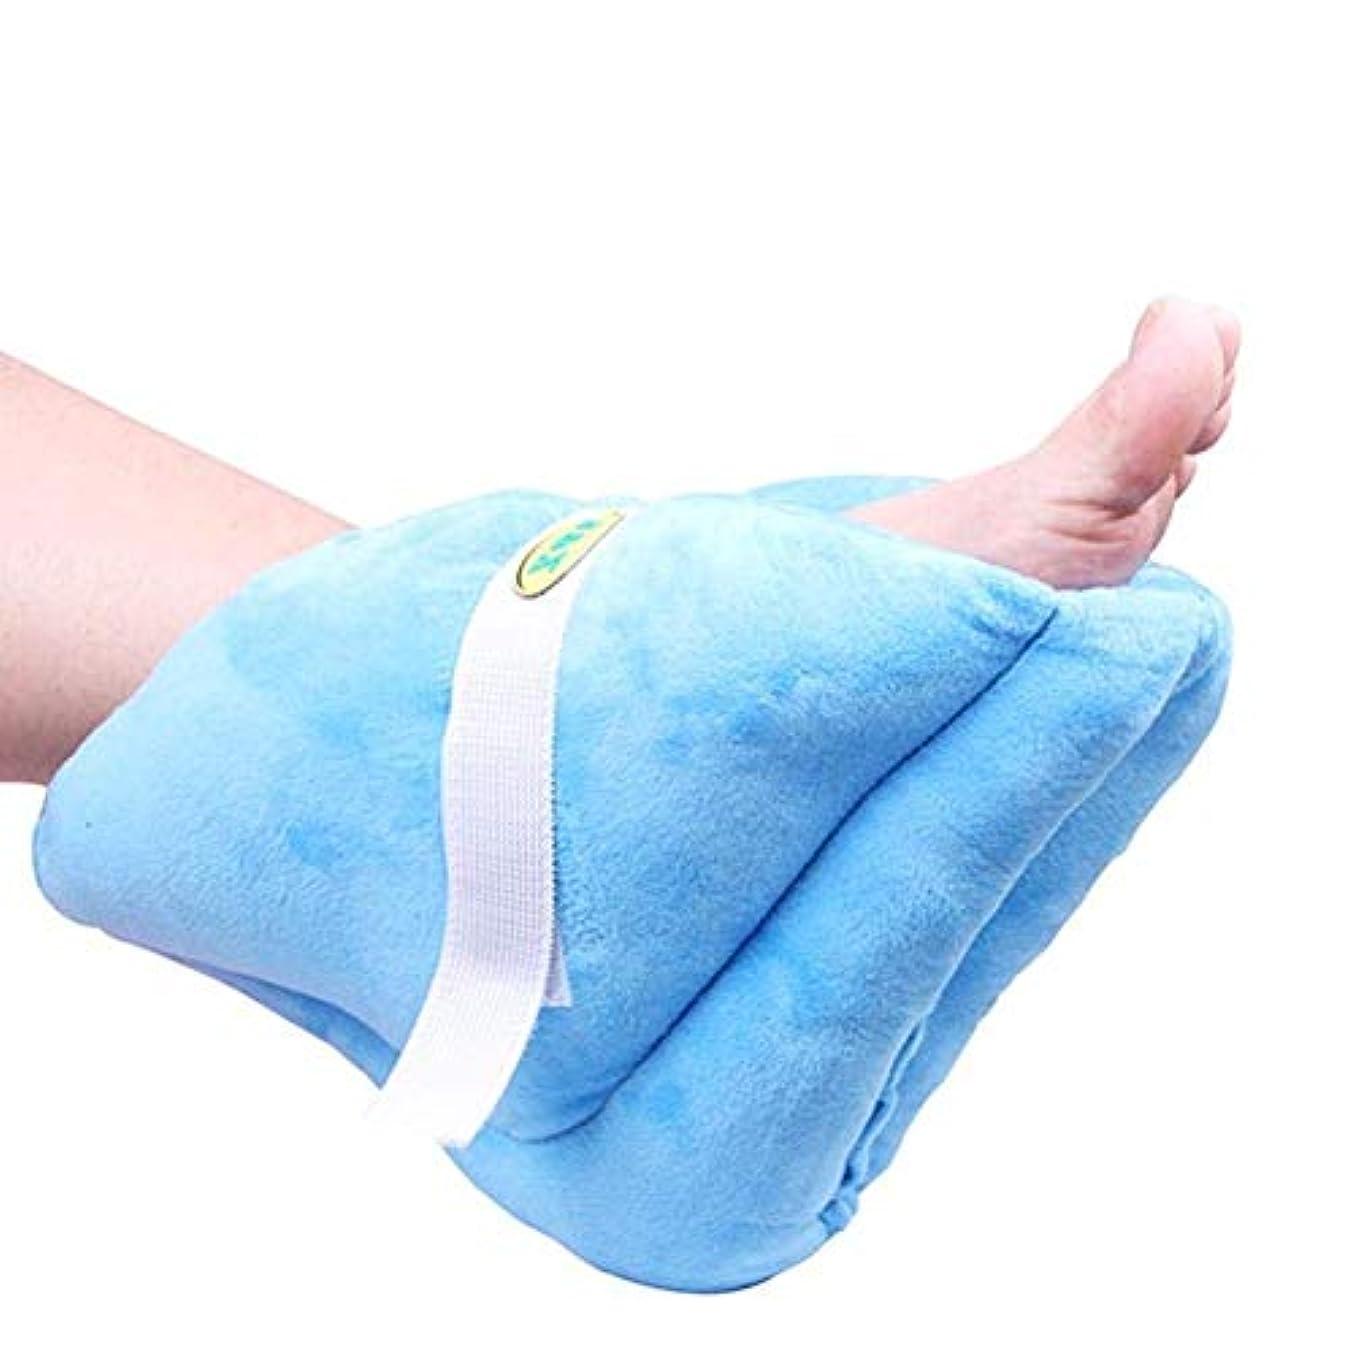 フルートパノラマ秘書ヒールプロテクタークッション - フットプロテクターピローブーツ - 褥瘡の予防と足圧を軽減するためのフットサポートピロー